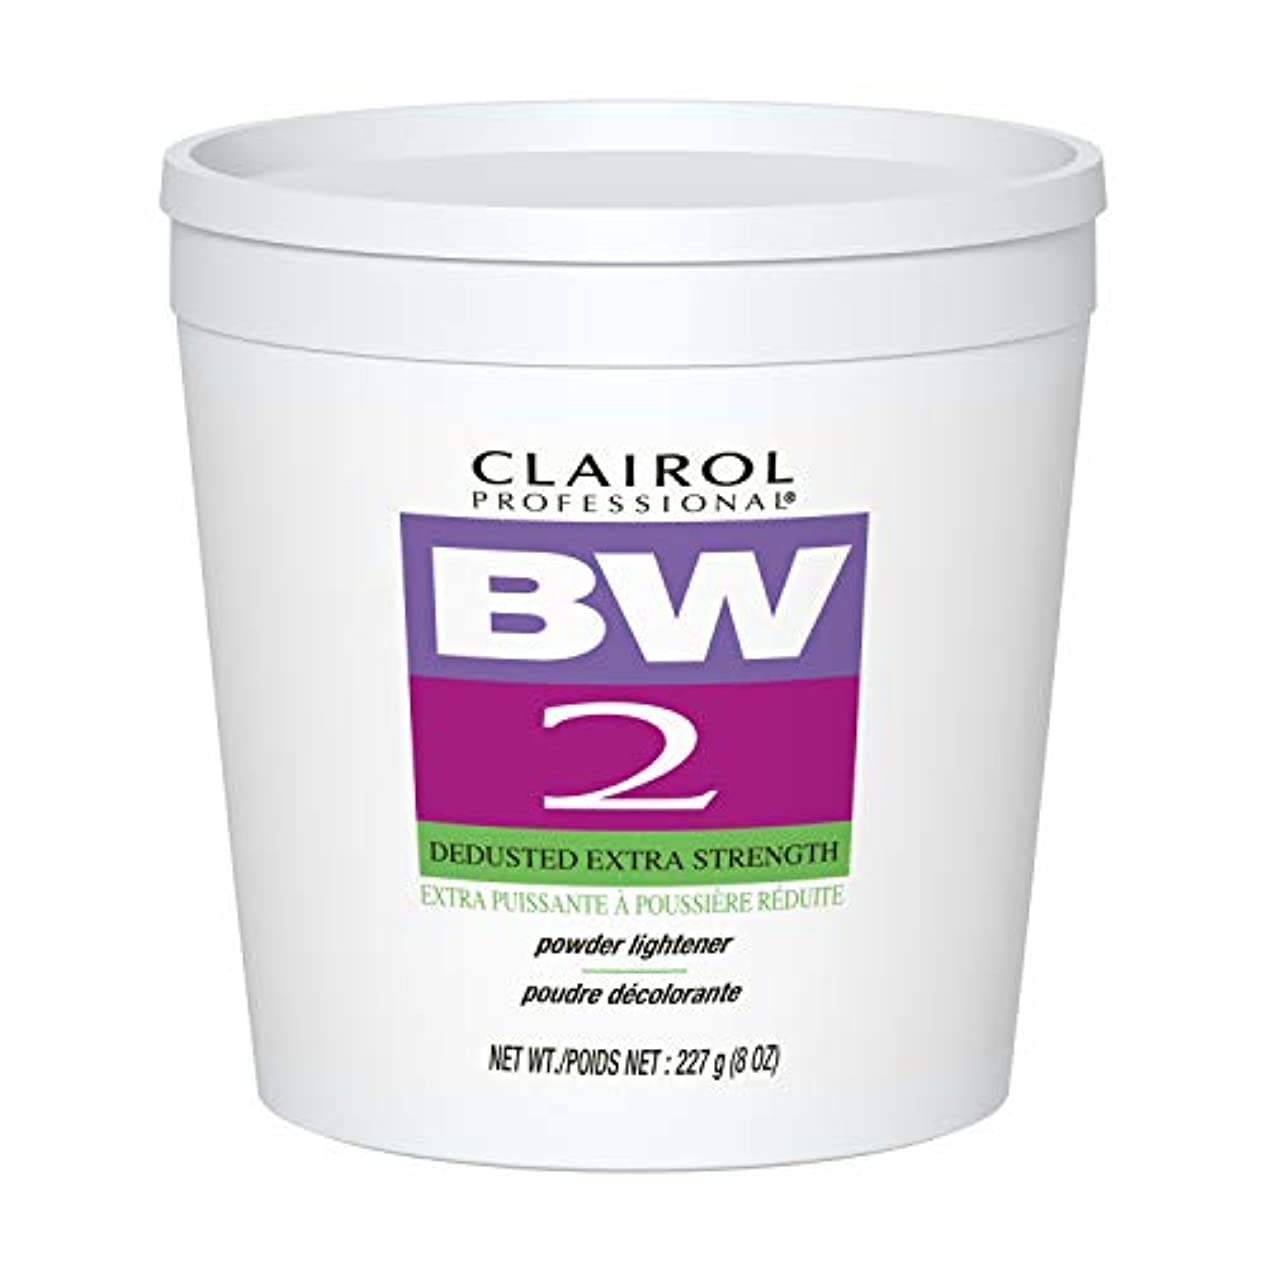 医療の手紙を書くやりすぎClairol BW2パウダーライトナー、8オンス